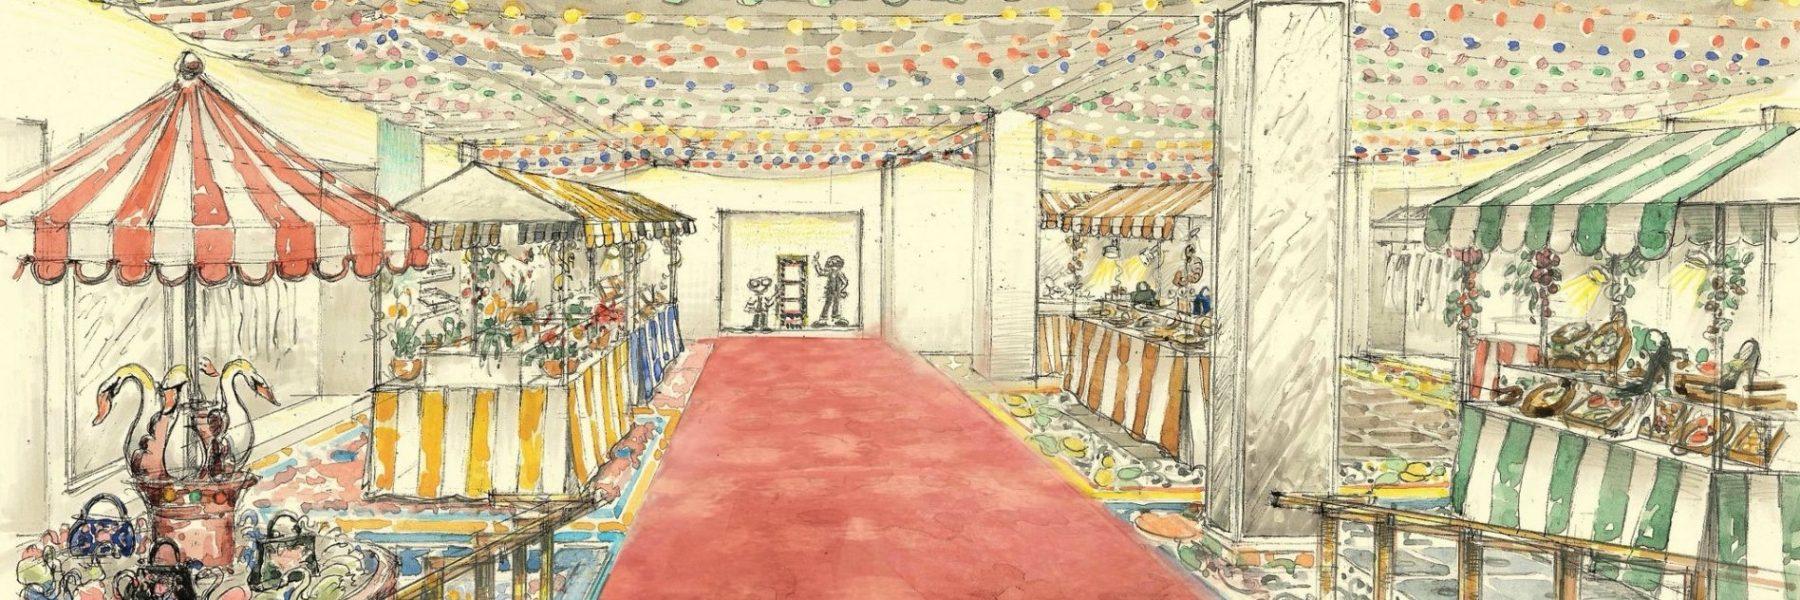 Anota en la agenda esta escapada, el mejor Mercado de Navidad estará en Harrods gracias a Dolce & Gabbana